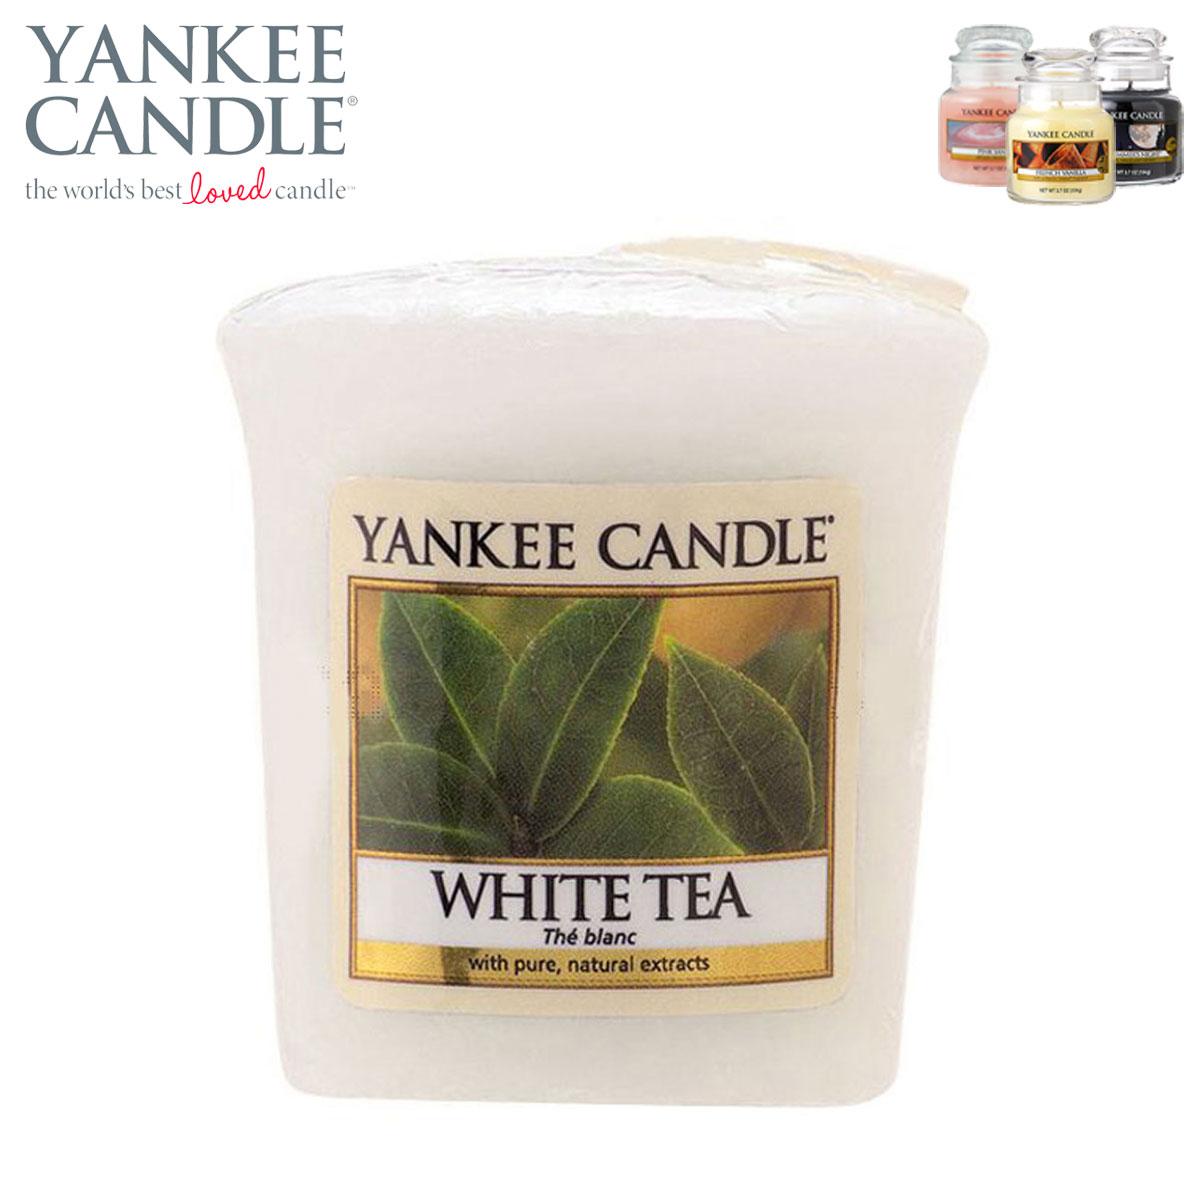 ヤンキーキャンドル YANKEE CANDLE 正規販売店 キャンドル YCサンプラー ホワイトティー (K00105277) A49B B3C C3D D0E E00F